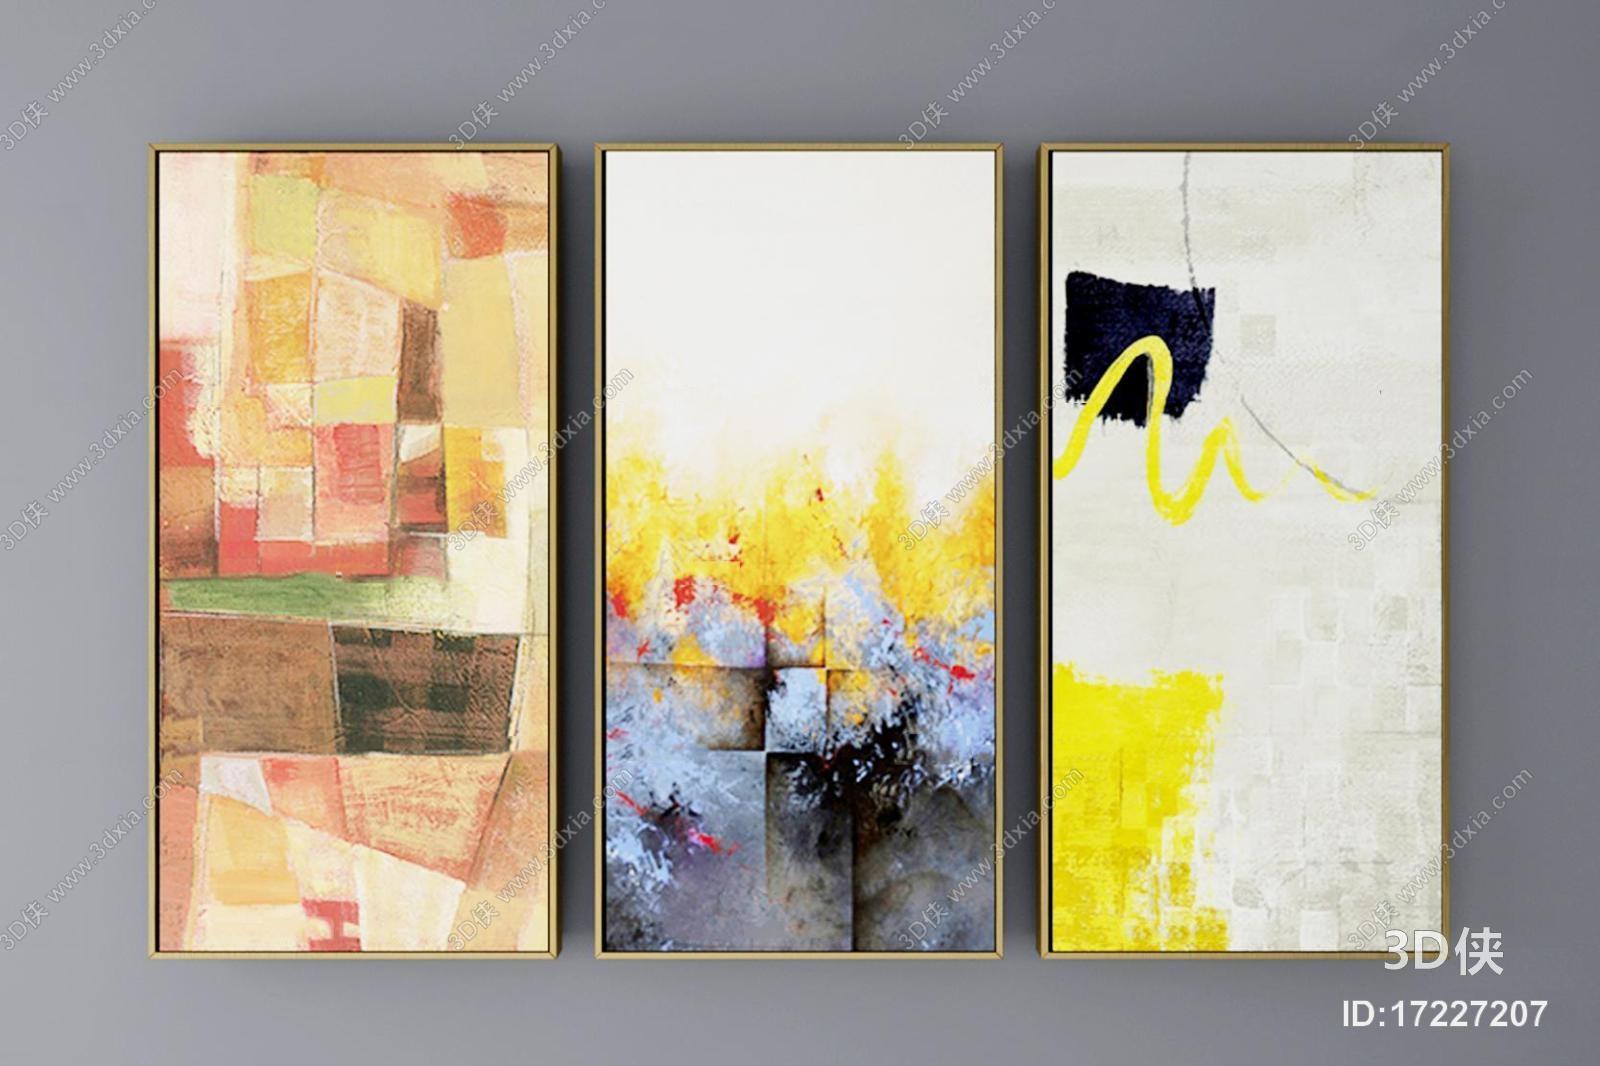 挂画效果图素材免费下载,本作品主题是现代挂画装饰画组合3d模型,编号